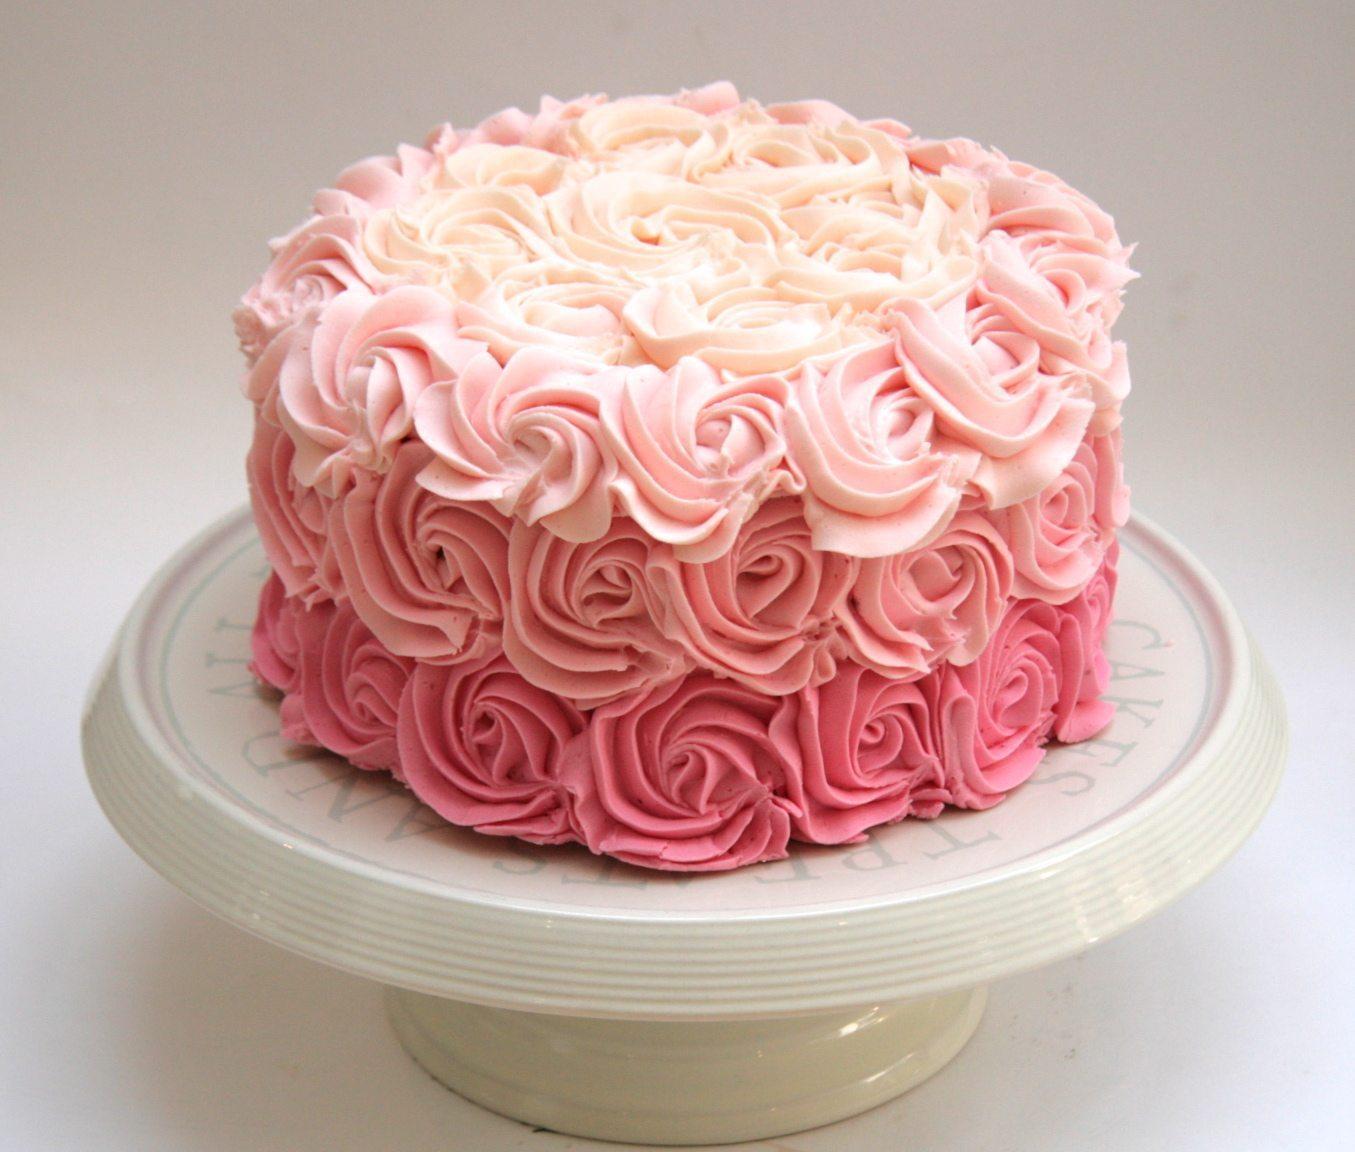 Buttercream rose cake 4 lbs send fresh flowers online flower home cakes izmirmasajfo